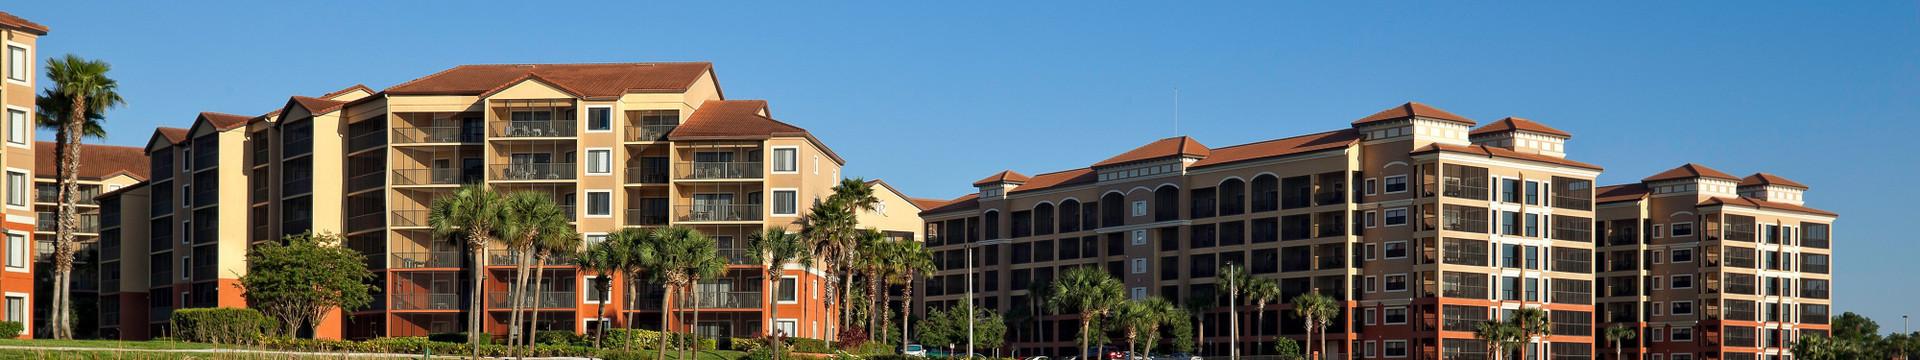 Westgate Vacation Villas - Resort Credit